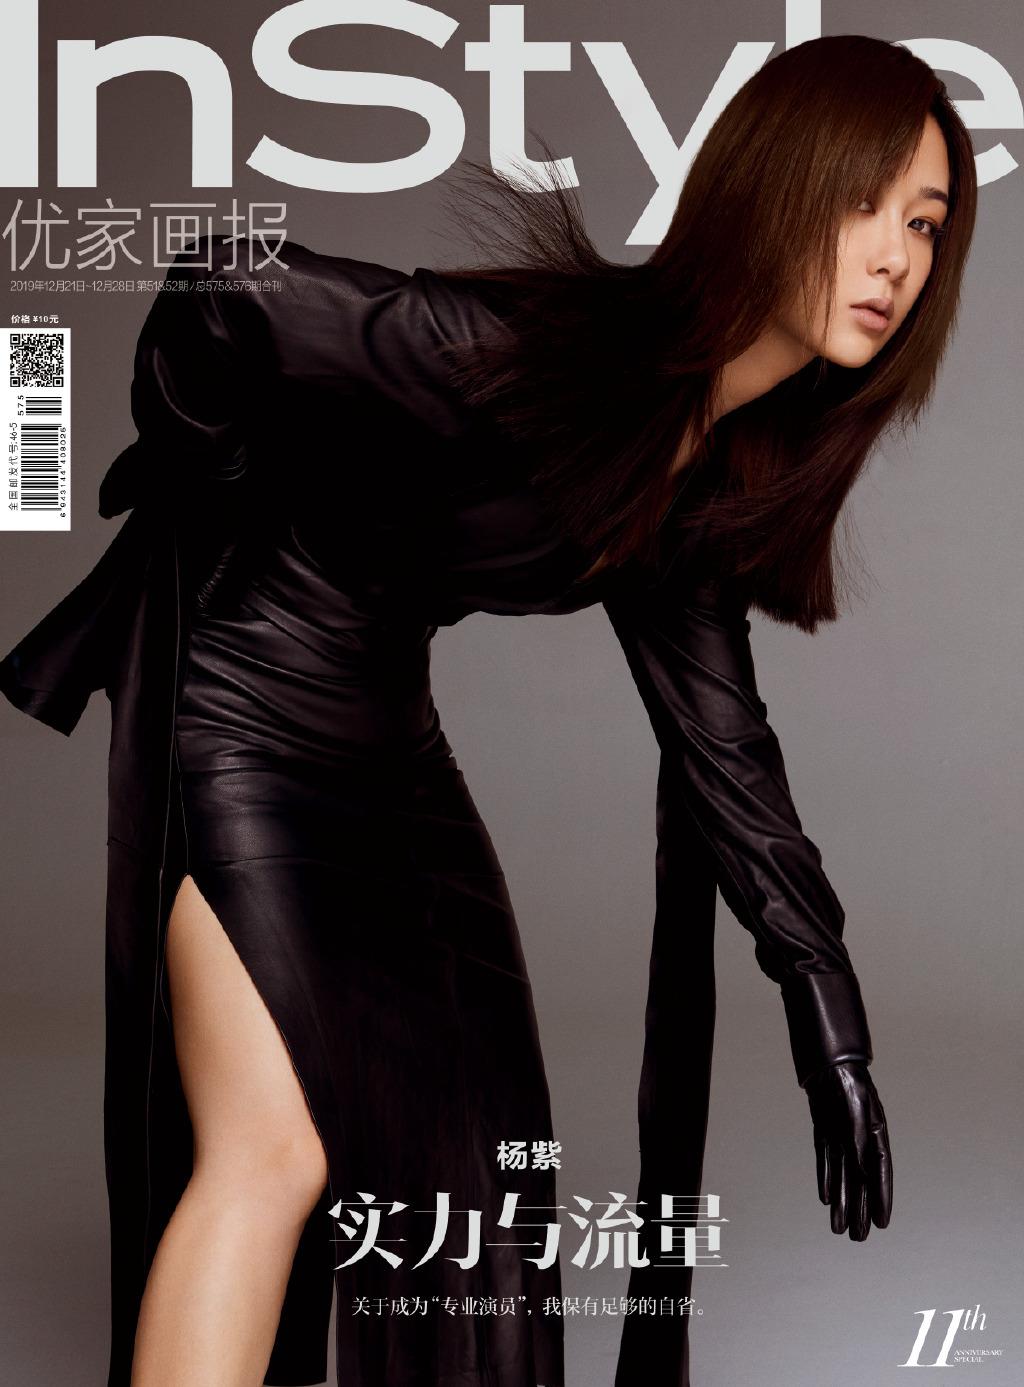 杨紫 优家画报 11周年年刊封面公开 挑战黑色高叉皮裙造型